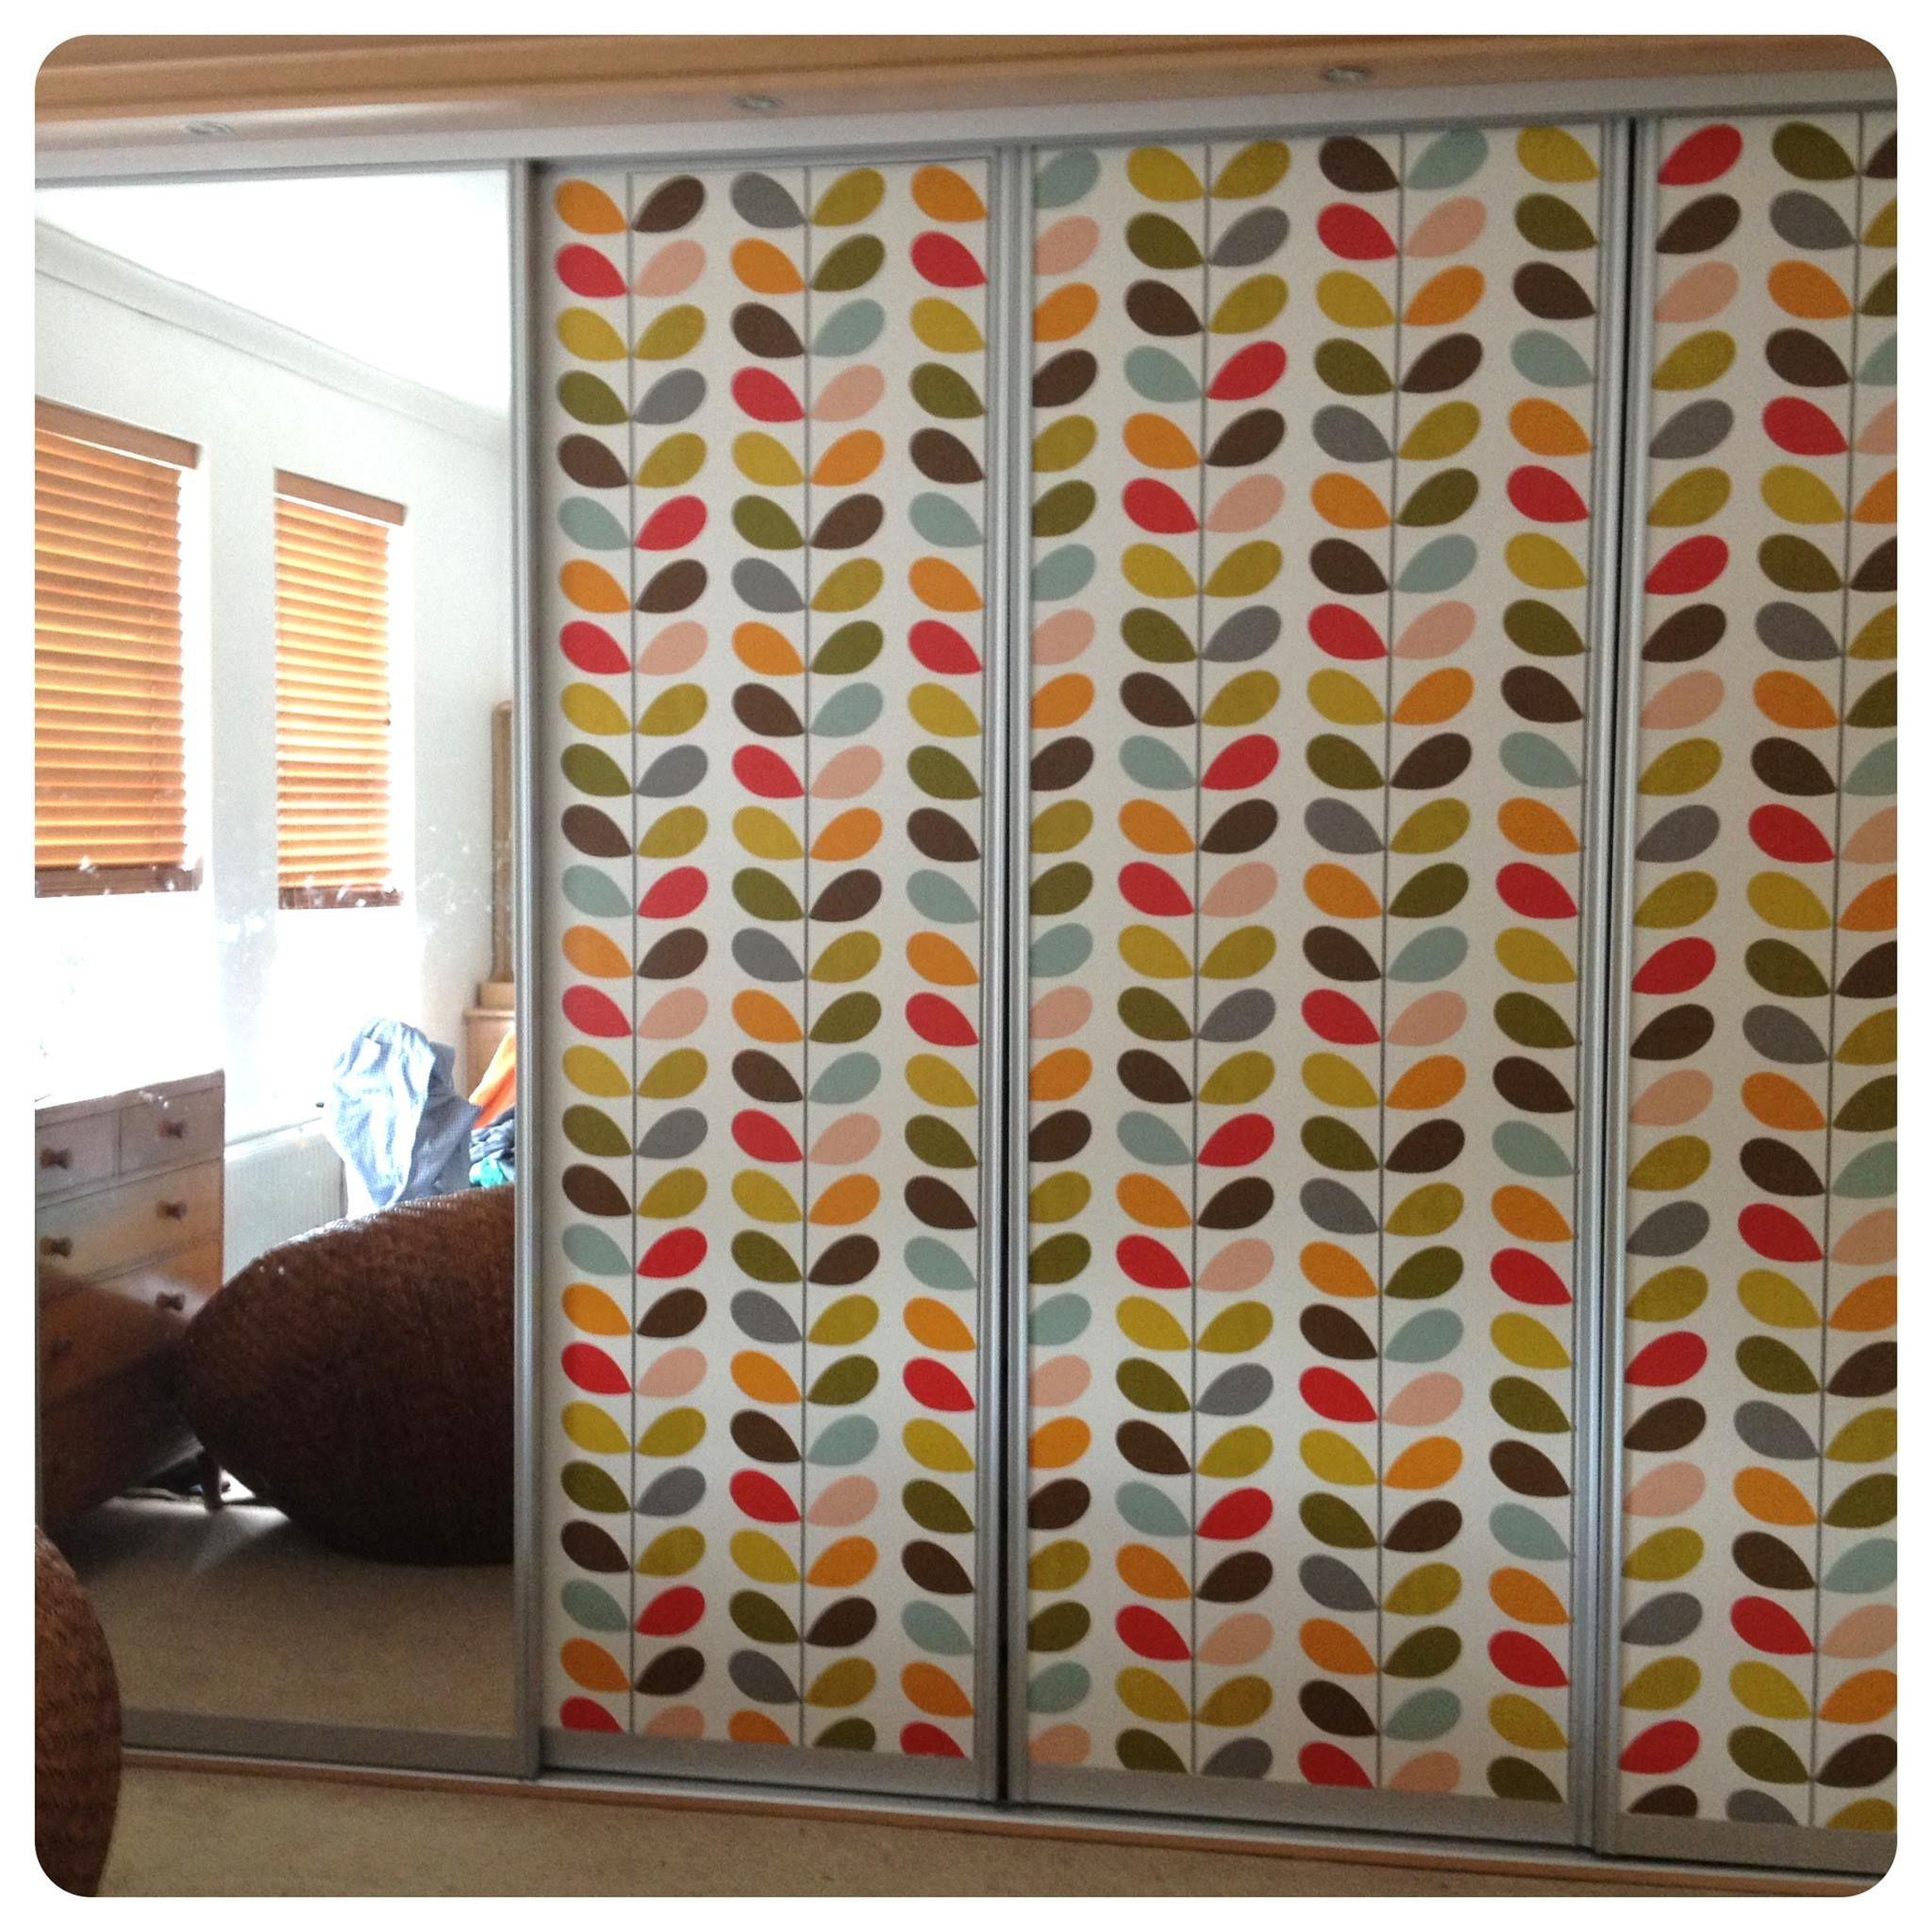 Orla Kiely stem print wallpaper wardrobe makeover